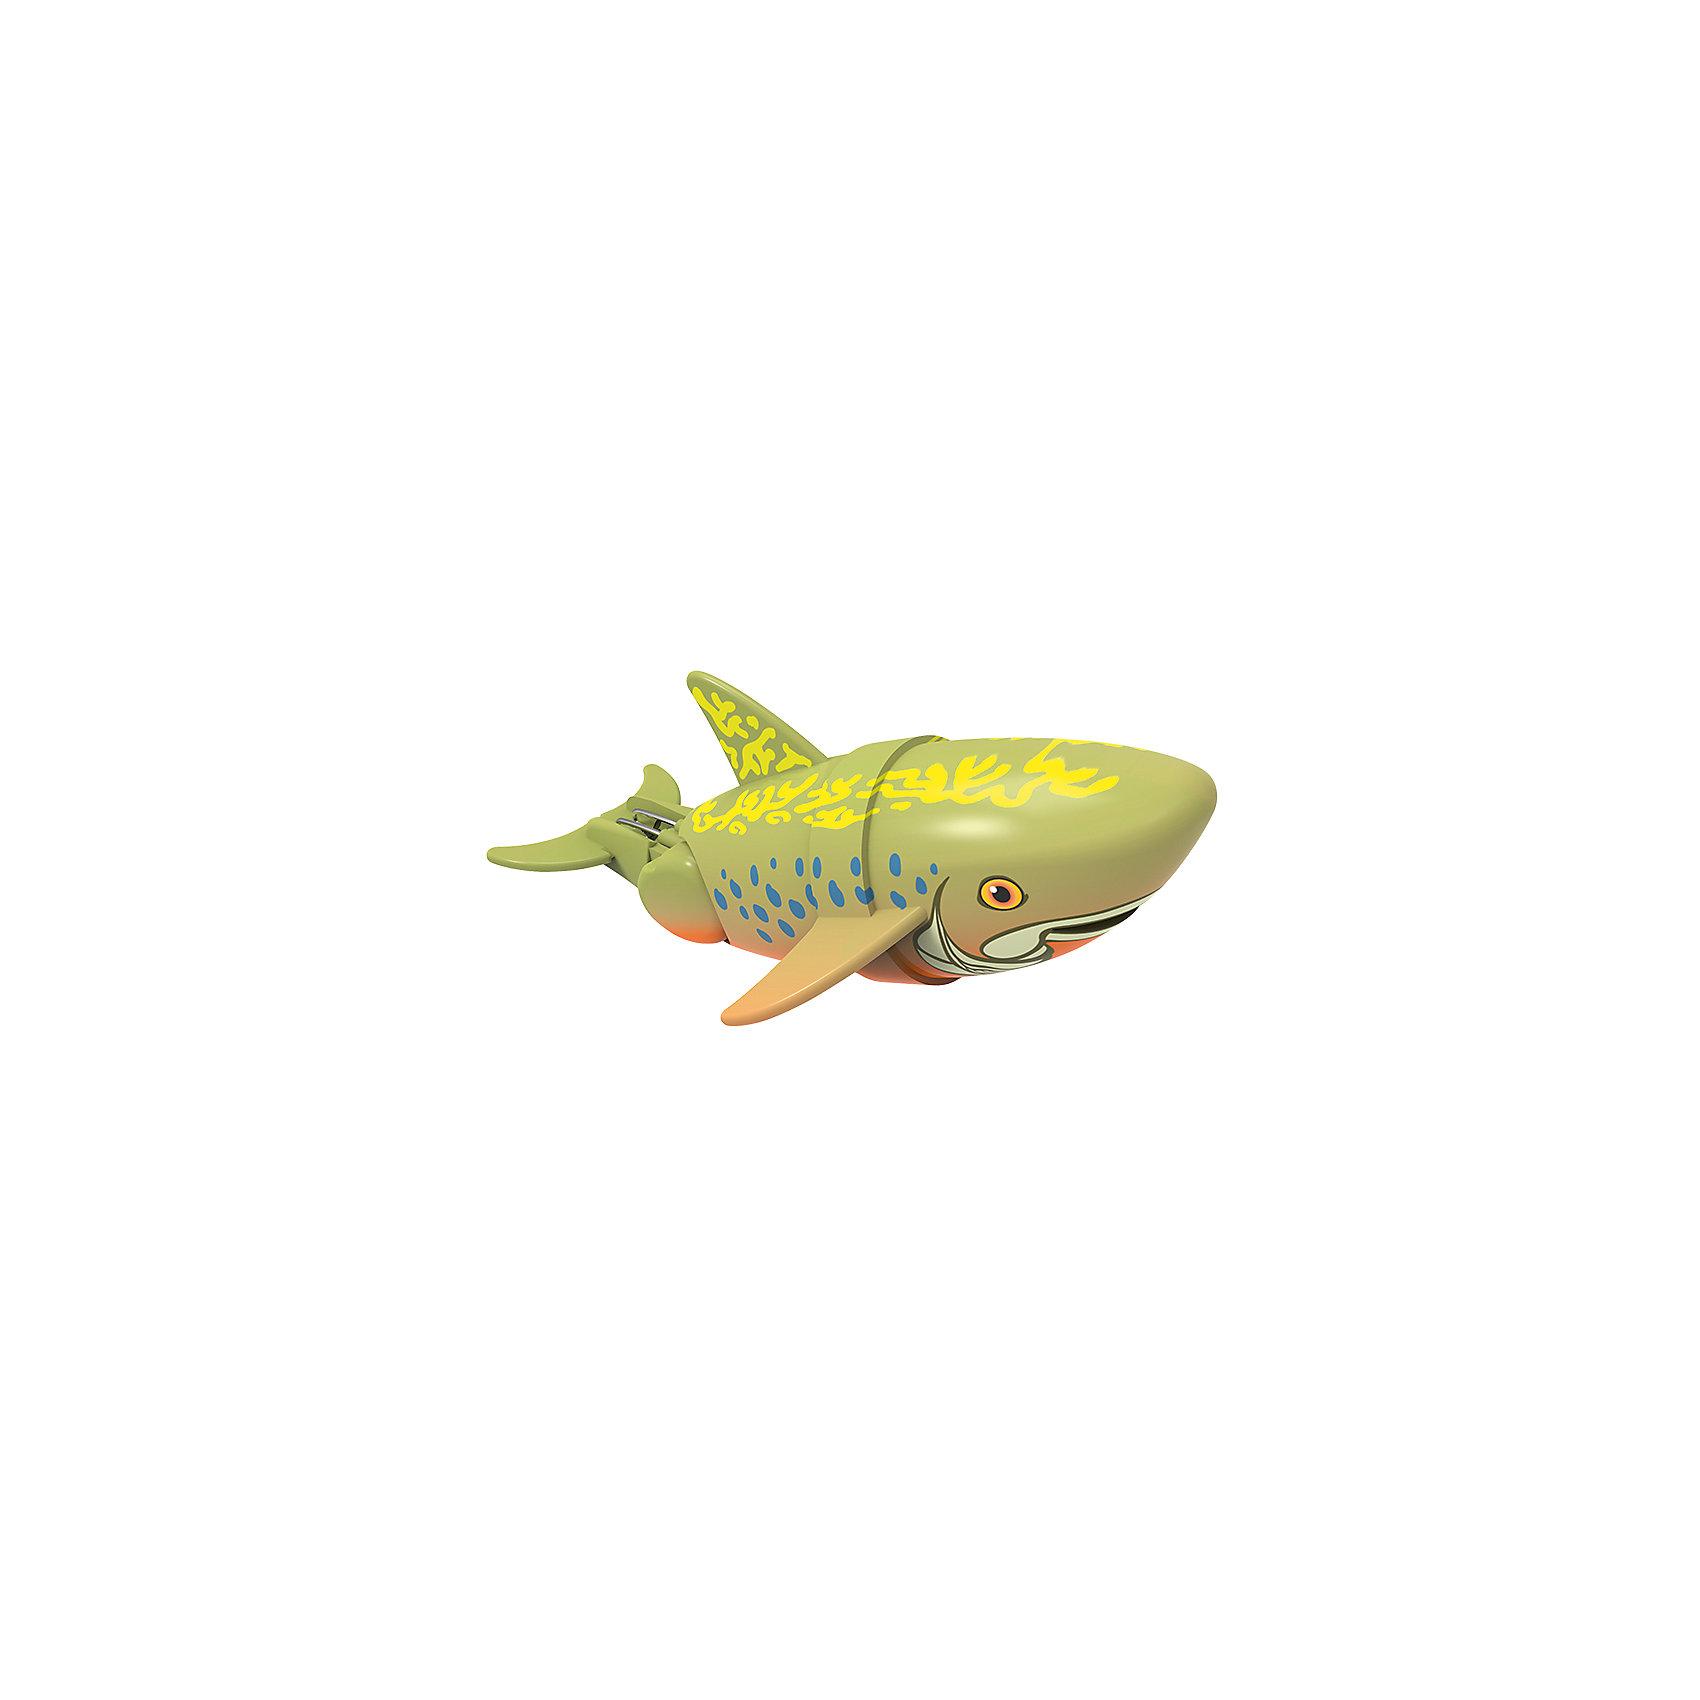 Интерактивная игрушка Рыбка-акробат - Брукс, 12 см Море чудесРоборыбки<br>Характеристики товара:<br><br>• возраст от 3 лет<br>• материал: пластик<br>• длина рыбки 12 см<br>• тип батареек: 2 x AAA / LR0.3 1.5V (мизинчиковые)<br>• наличие батареек: не входят в комплект<br>• размер упаковки 16х14х8,5 см<br>• вес упаковки 416 г.<br>• упаковка: блистер на картоне<br>• страна производитель: Китай<br><br>Рыбка-акробат Брукс Redwood — интерактивная игрушка для ванной, которая сделает процесс купания малыша веселым и увлекательным. Рыбка умеет плавать и нырять. Двигая плавниками и хвостом в разных направлениях, она начинает плыть. На корпусе имеется небольшое отверстие, в которое можно продеть веревочку и брать рыбку с собой на водоем. <br><br>Рыбку-акробат Брукс Redwood можно приобрести в нашем интернет-магазине.<br><br>Ширина мм: 160<br>Глубина мм: 140<br>Высота мм: 85<br>Вес г: 416<br>Возраст от месяцев: 36<br>Возраст до месяцев: 2147483647<br>Пол: Унисекс<br>Возраст: Детский<br>SKU: 5544172